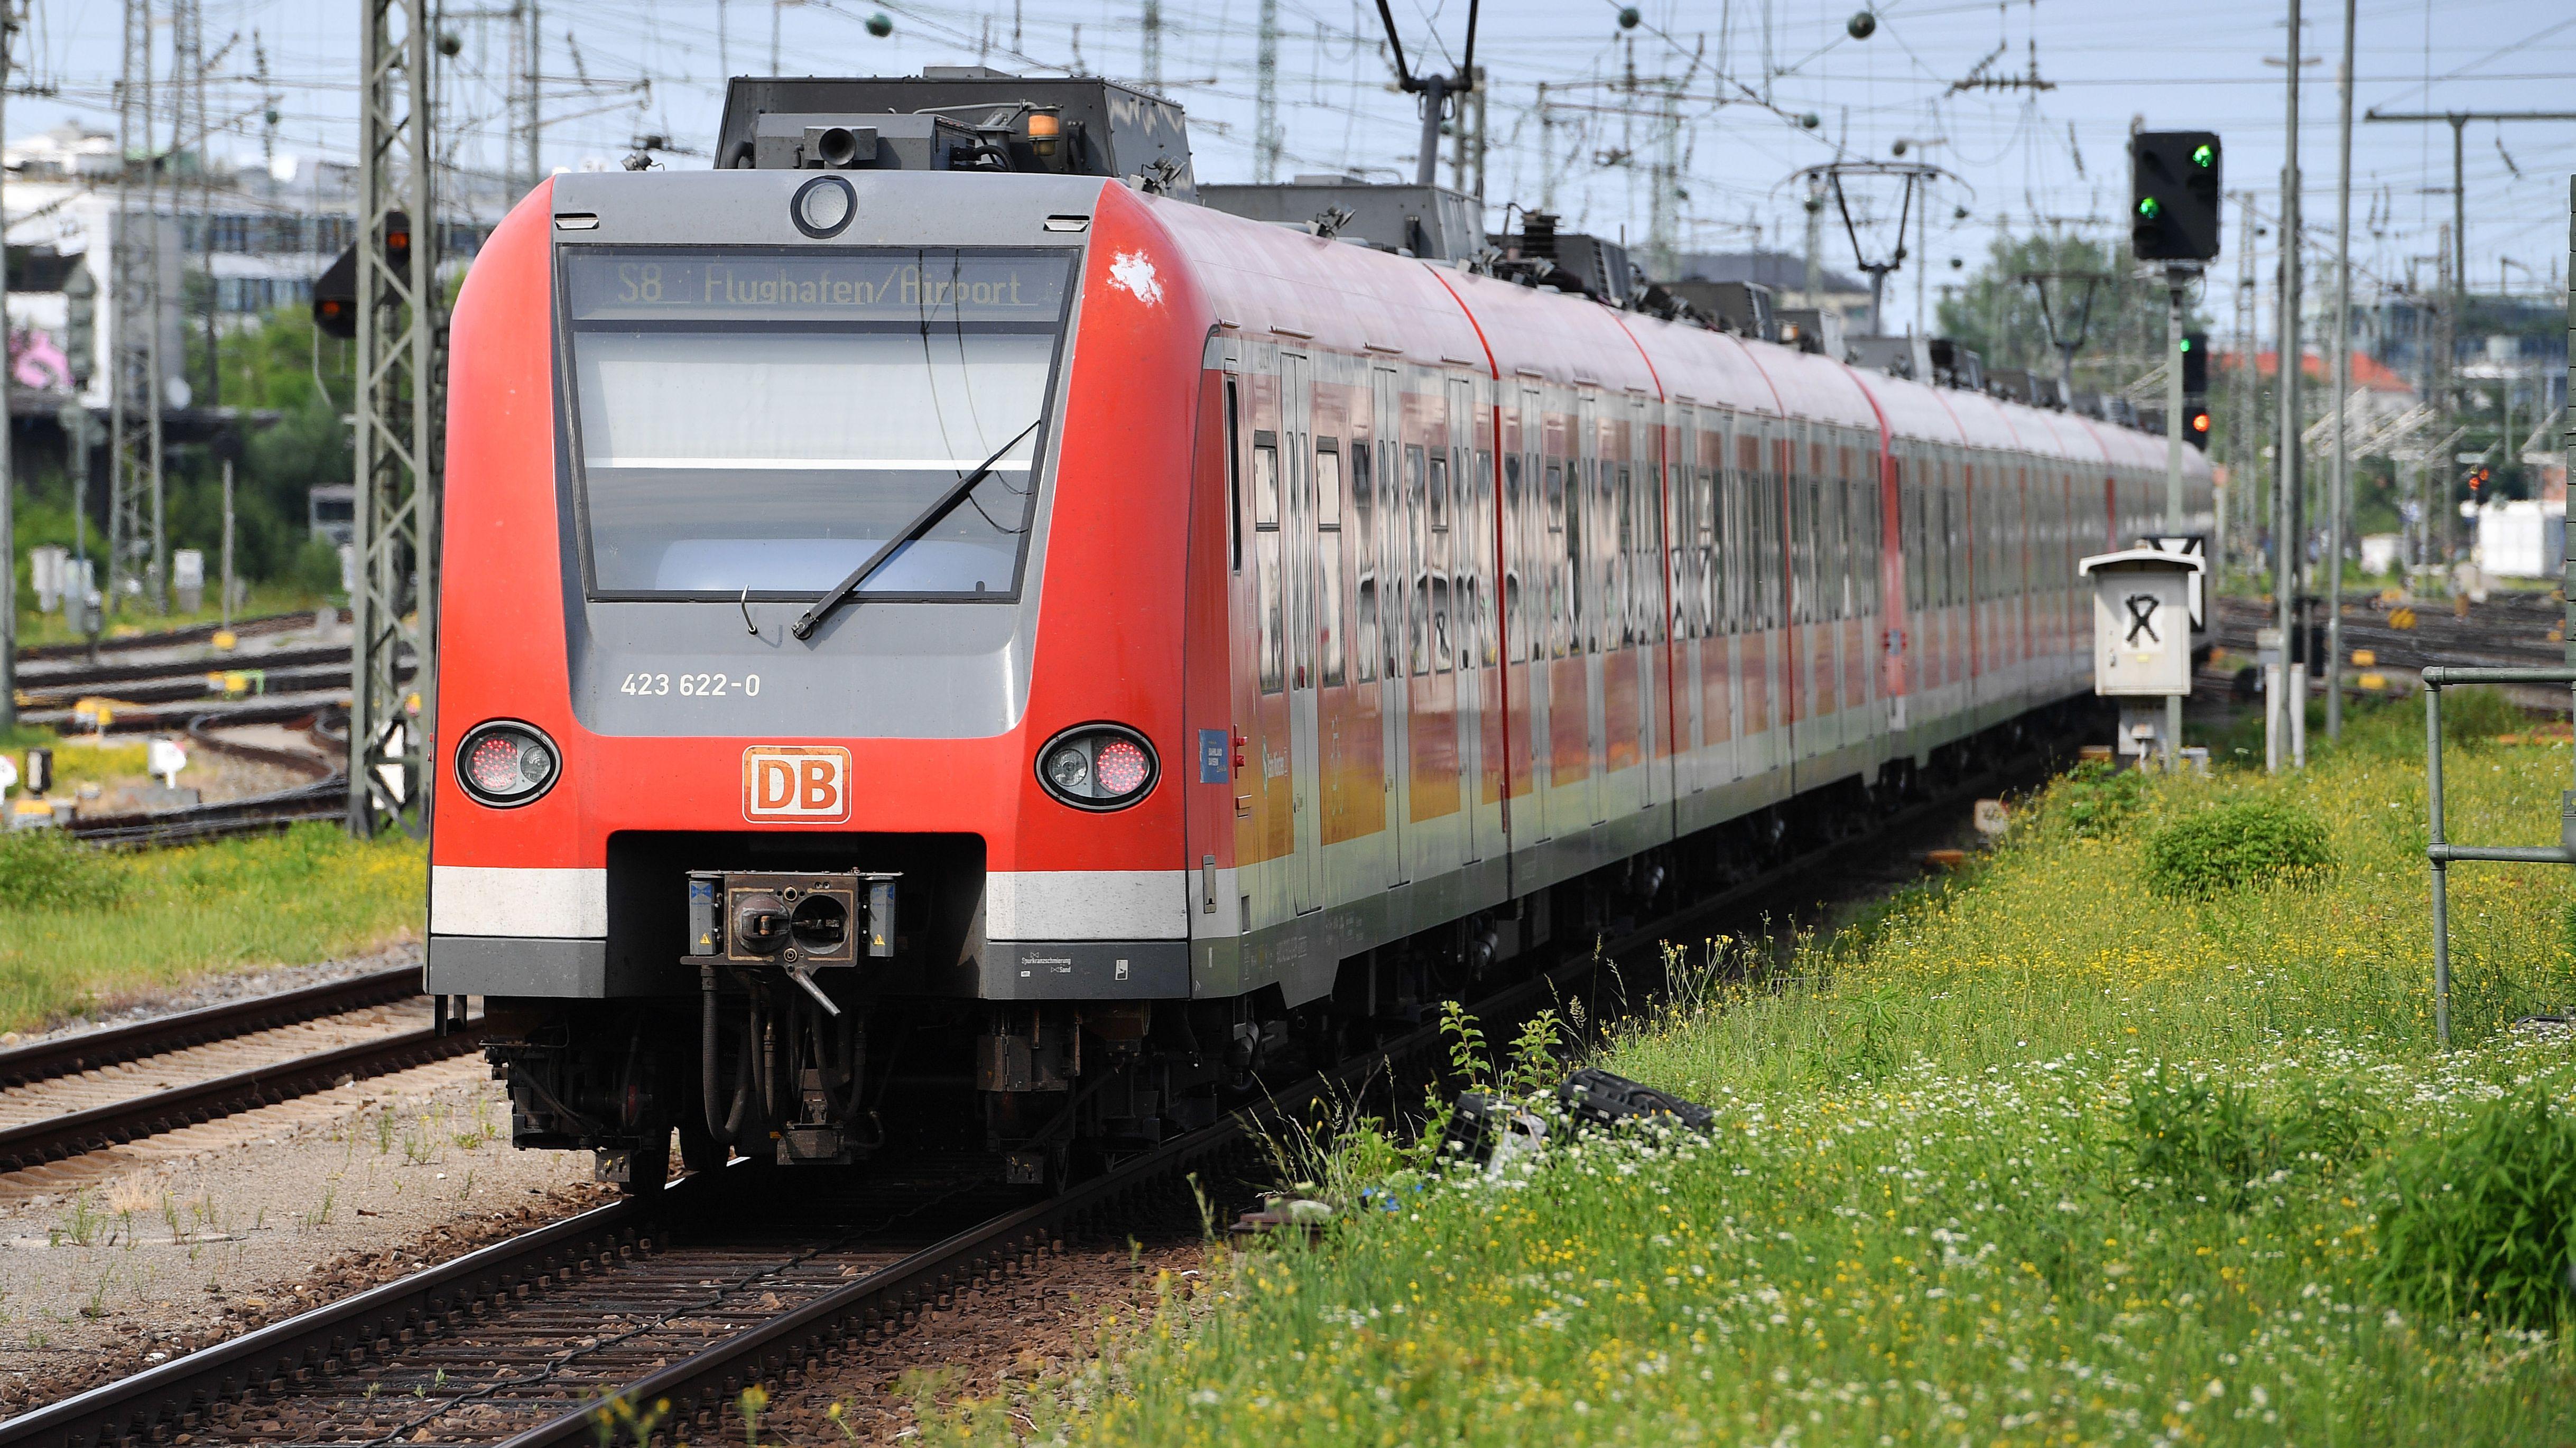 Symbolbild Münchner S-Bahnzug fährt in Bahnhof ein